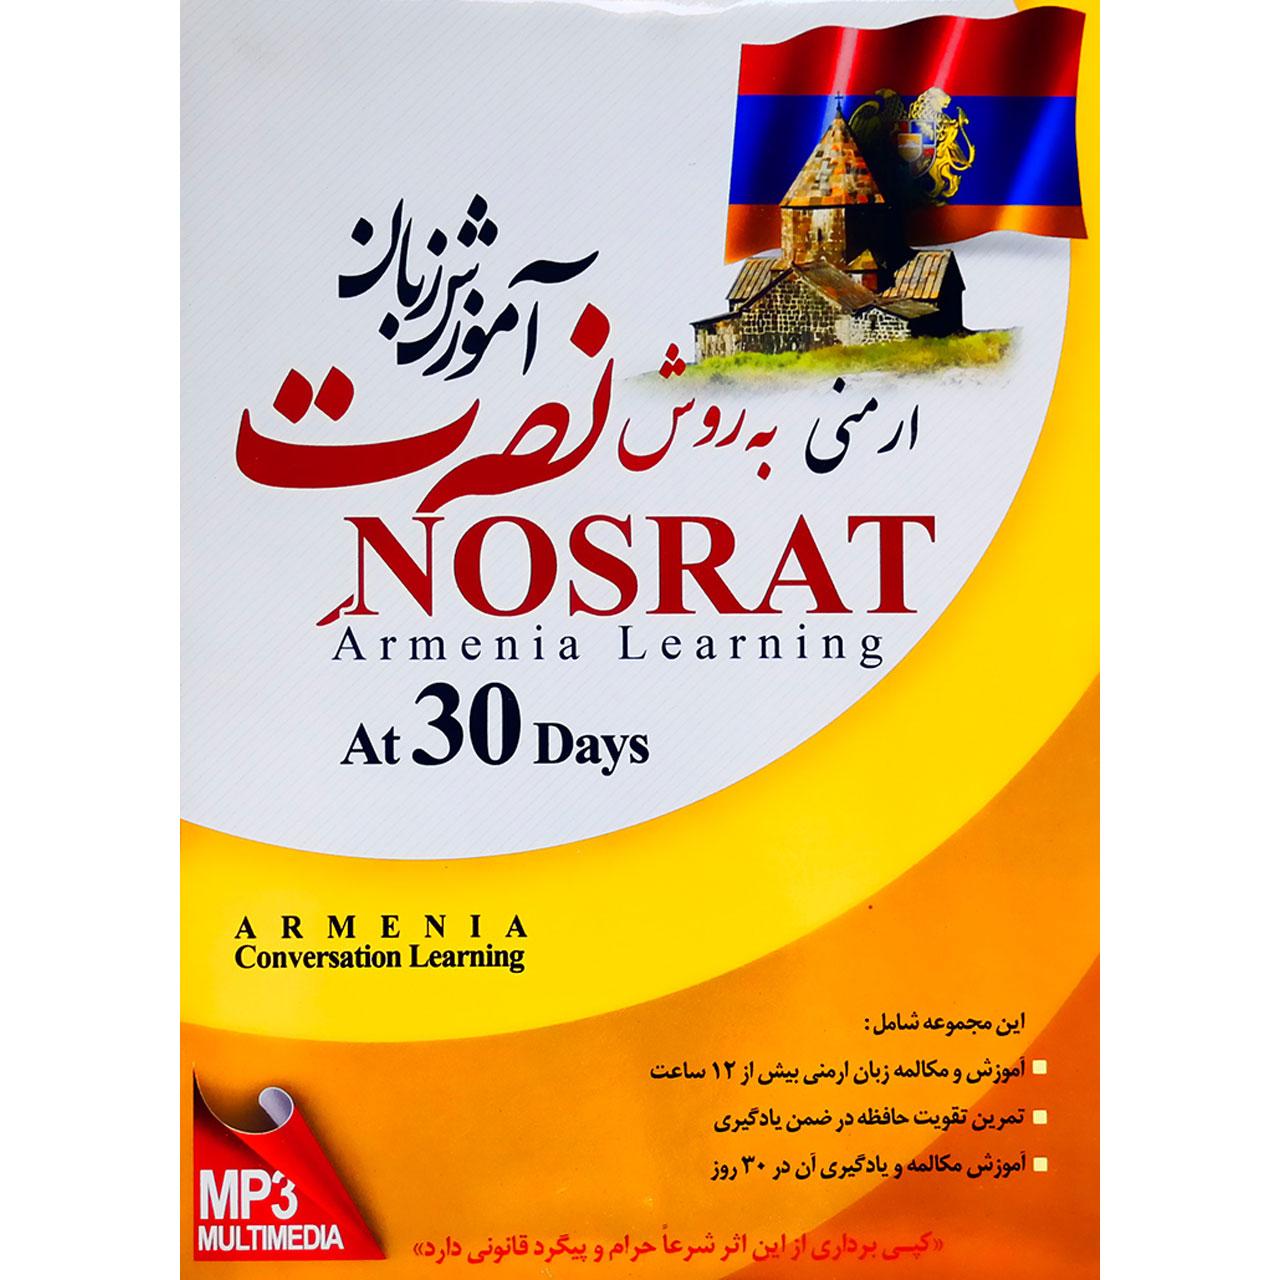 آموزش زبان ارمنی در ۳۰ روز نصرت نشر لوح فشرده سبا